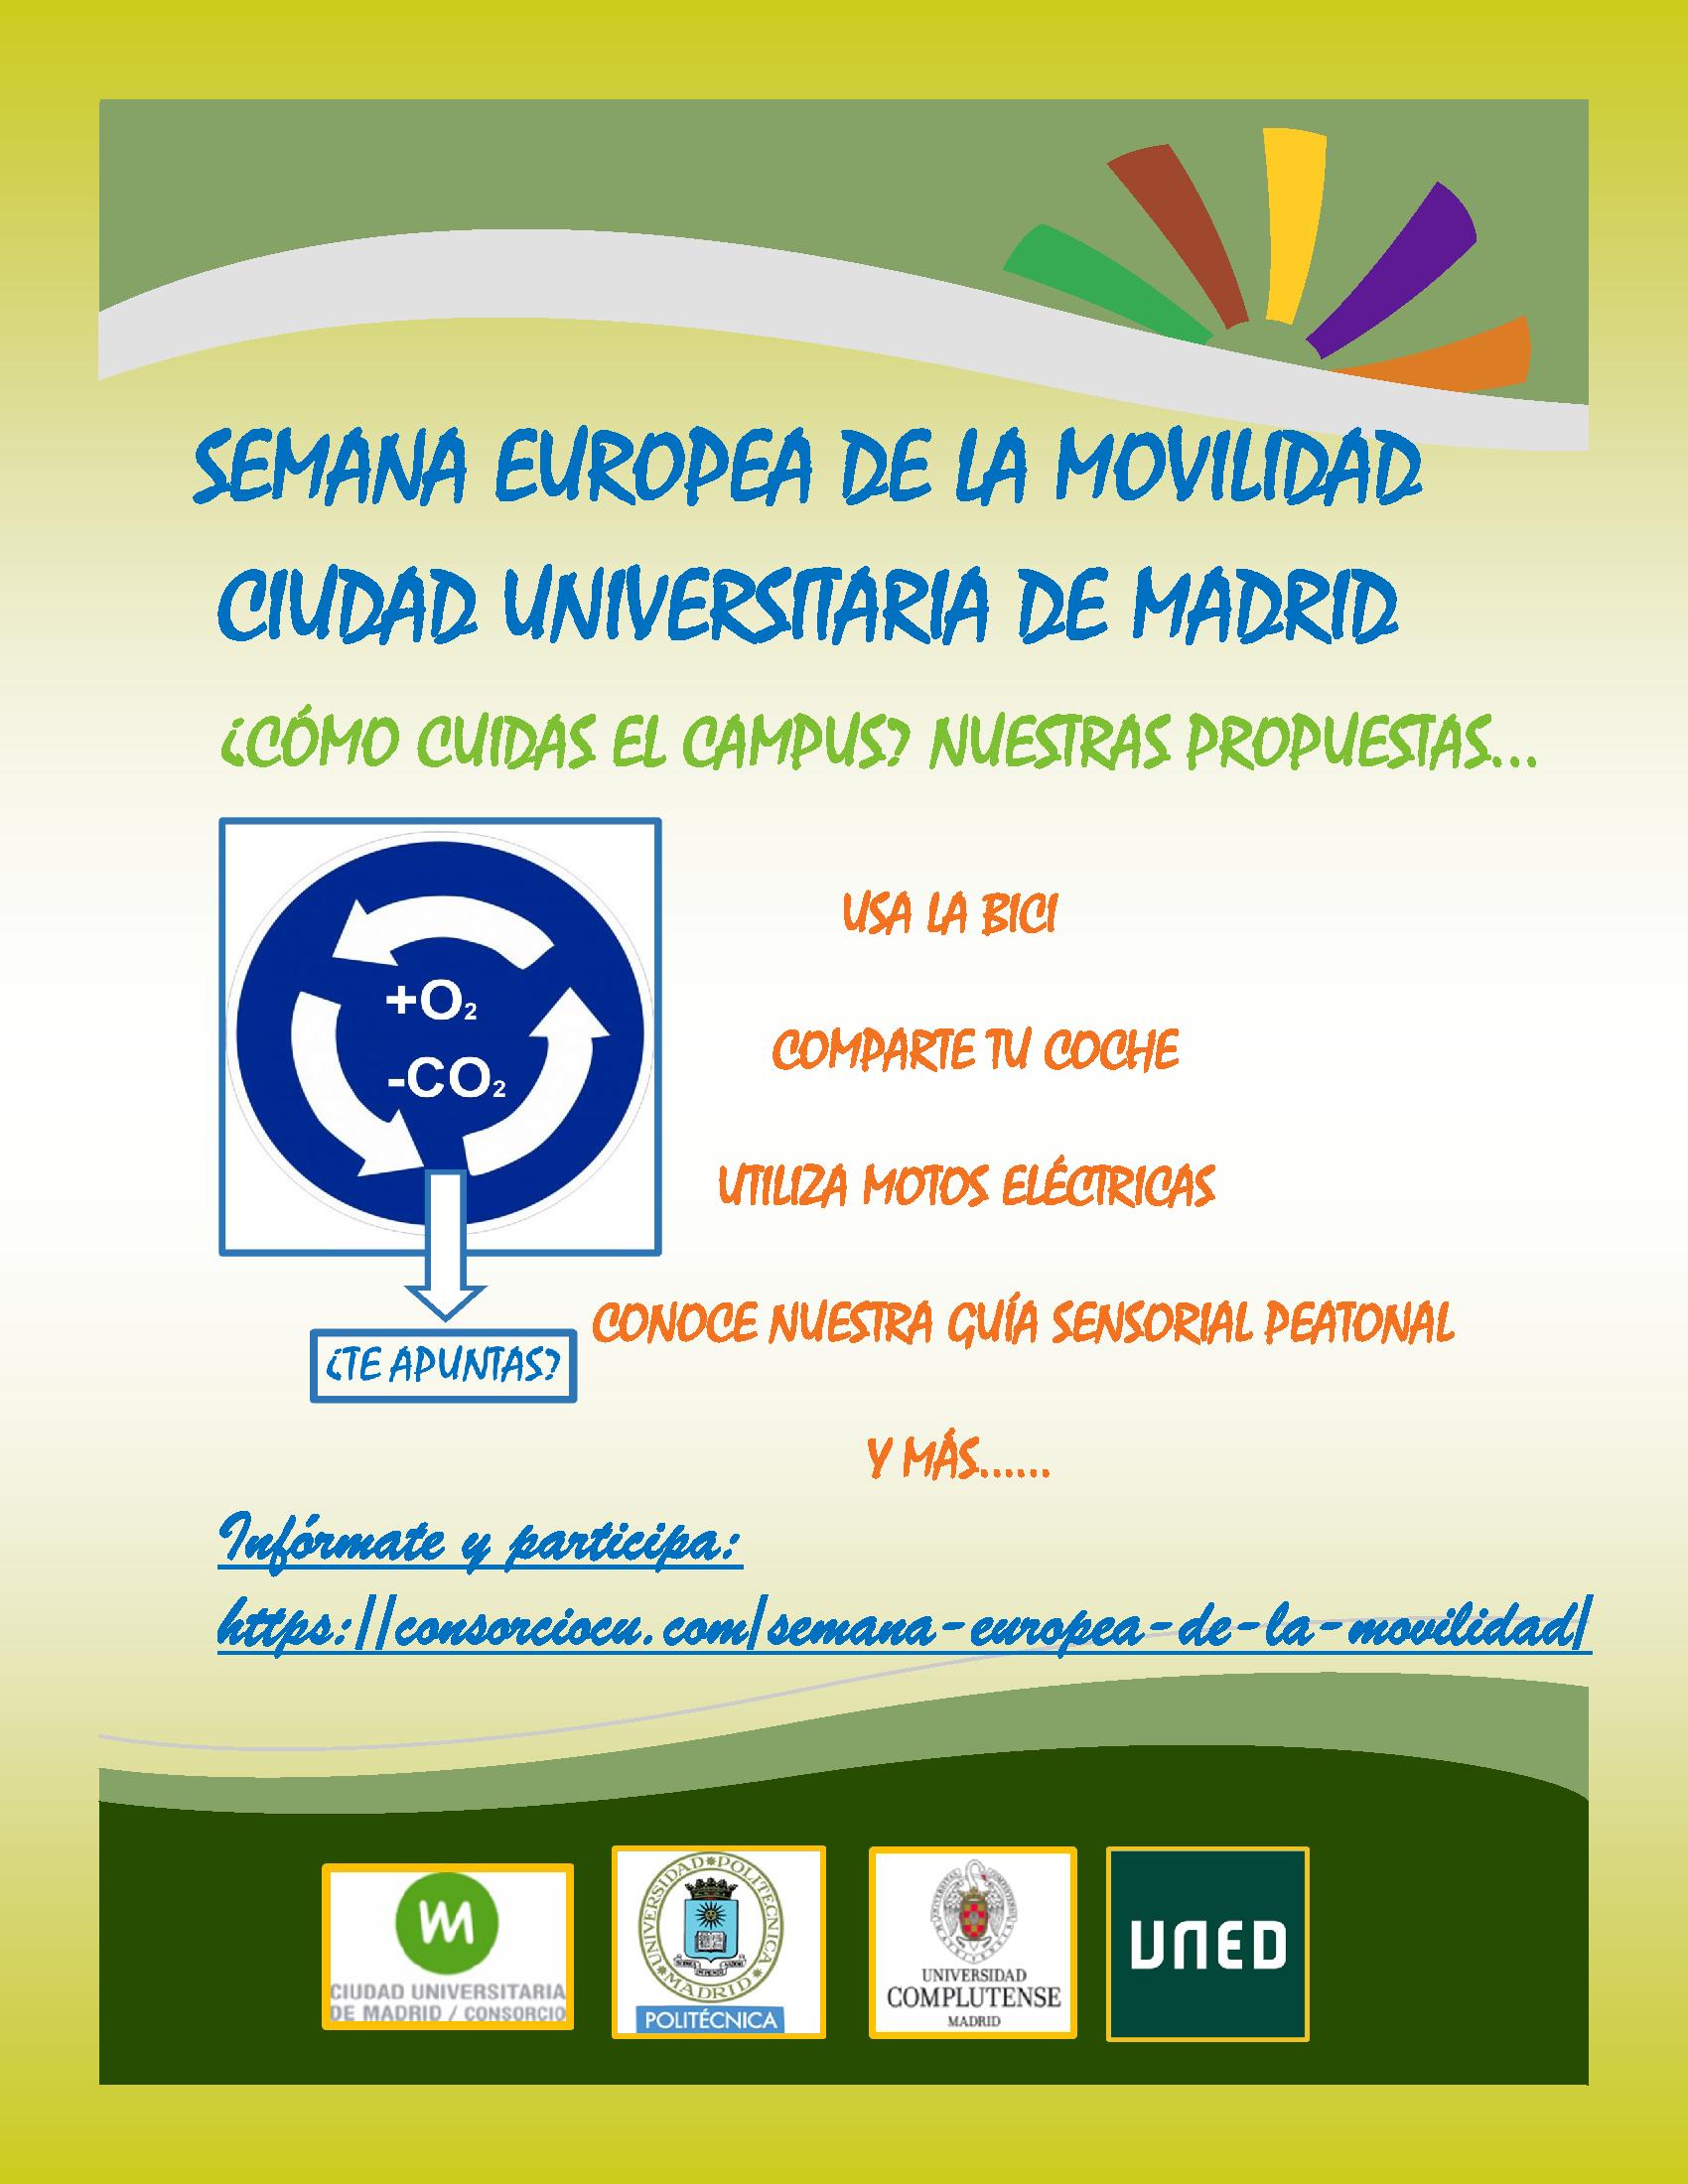 Cartel Semana Europea de la Movilidad Ciudad Universitaria de Madrid